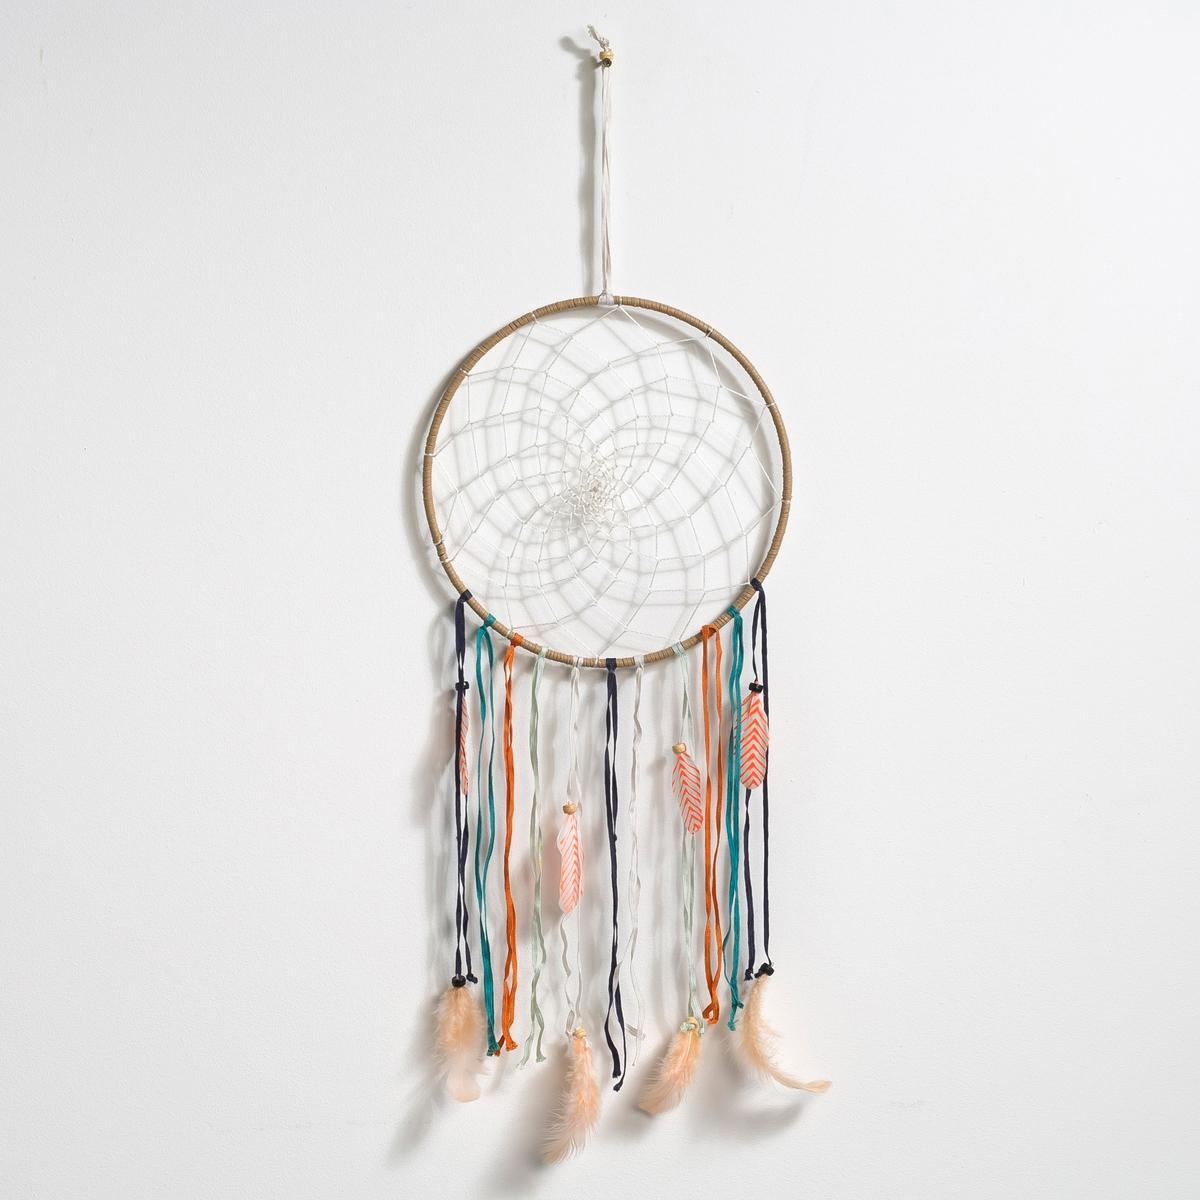 Ловец снов, VascoМеталлический обруч, покрытый тканью и украшенный перьями и бисером .Размеры : Д.23 x В.65 x Г0,5 см .<br><br>Цвет: разноцветный